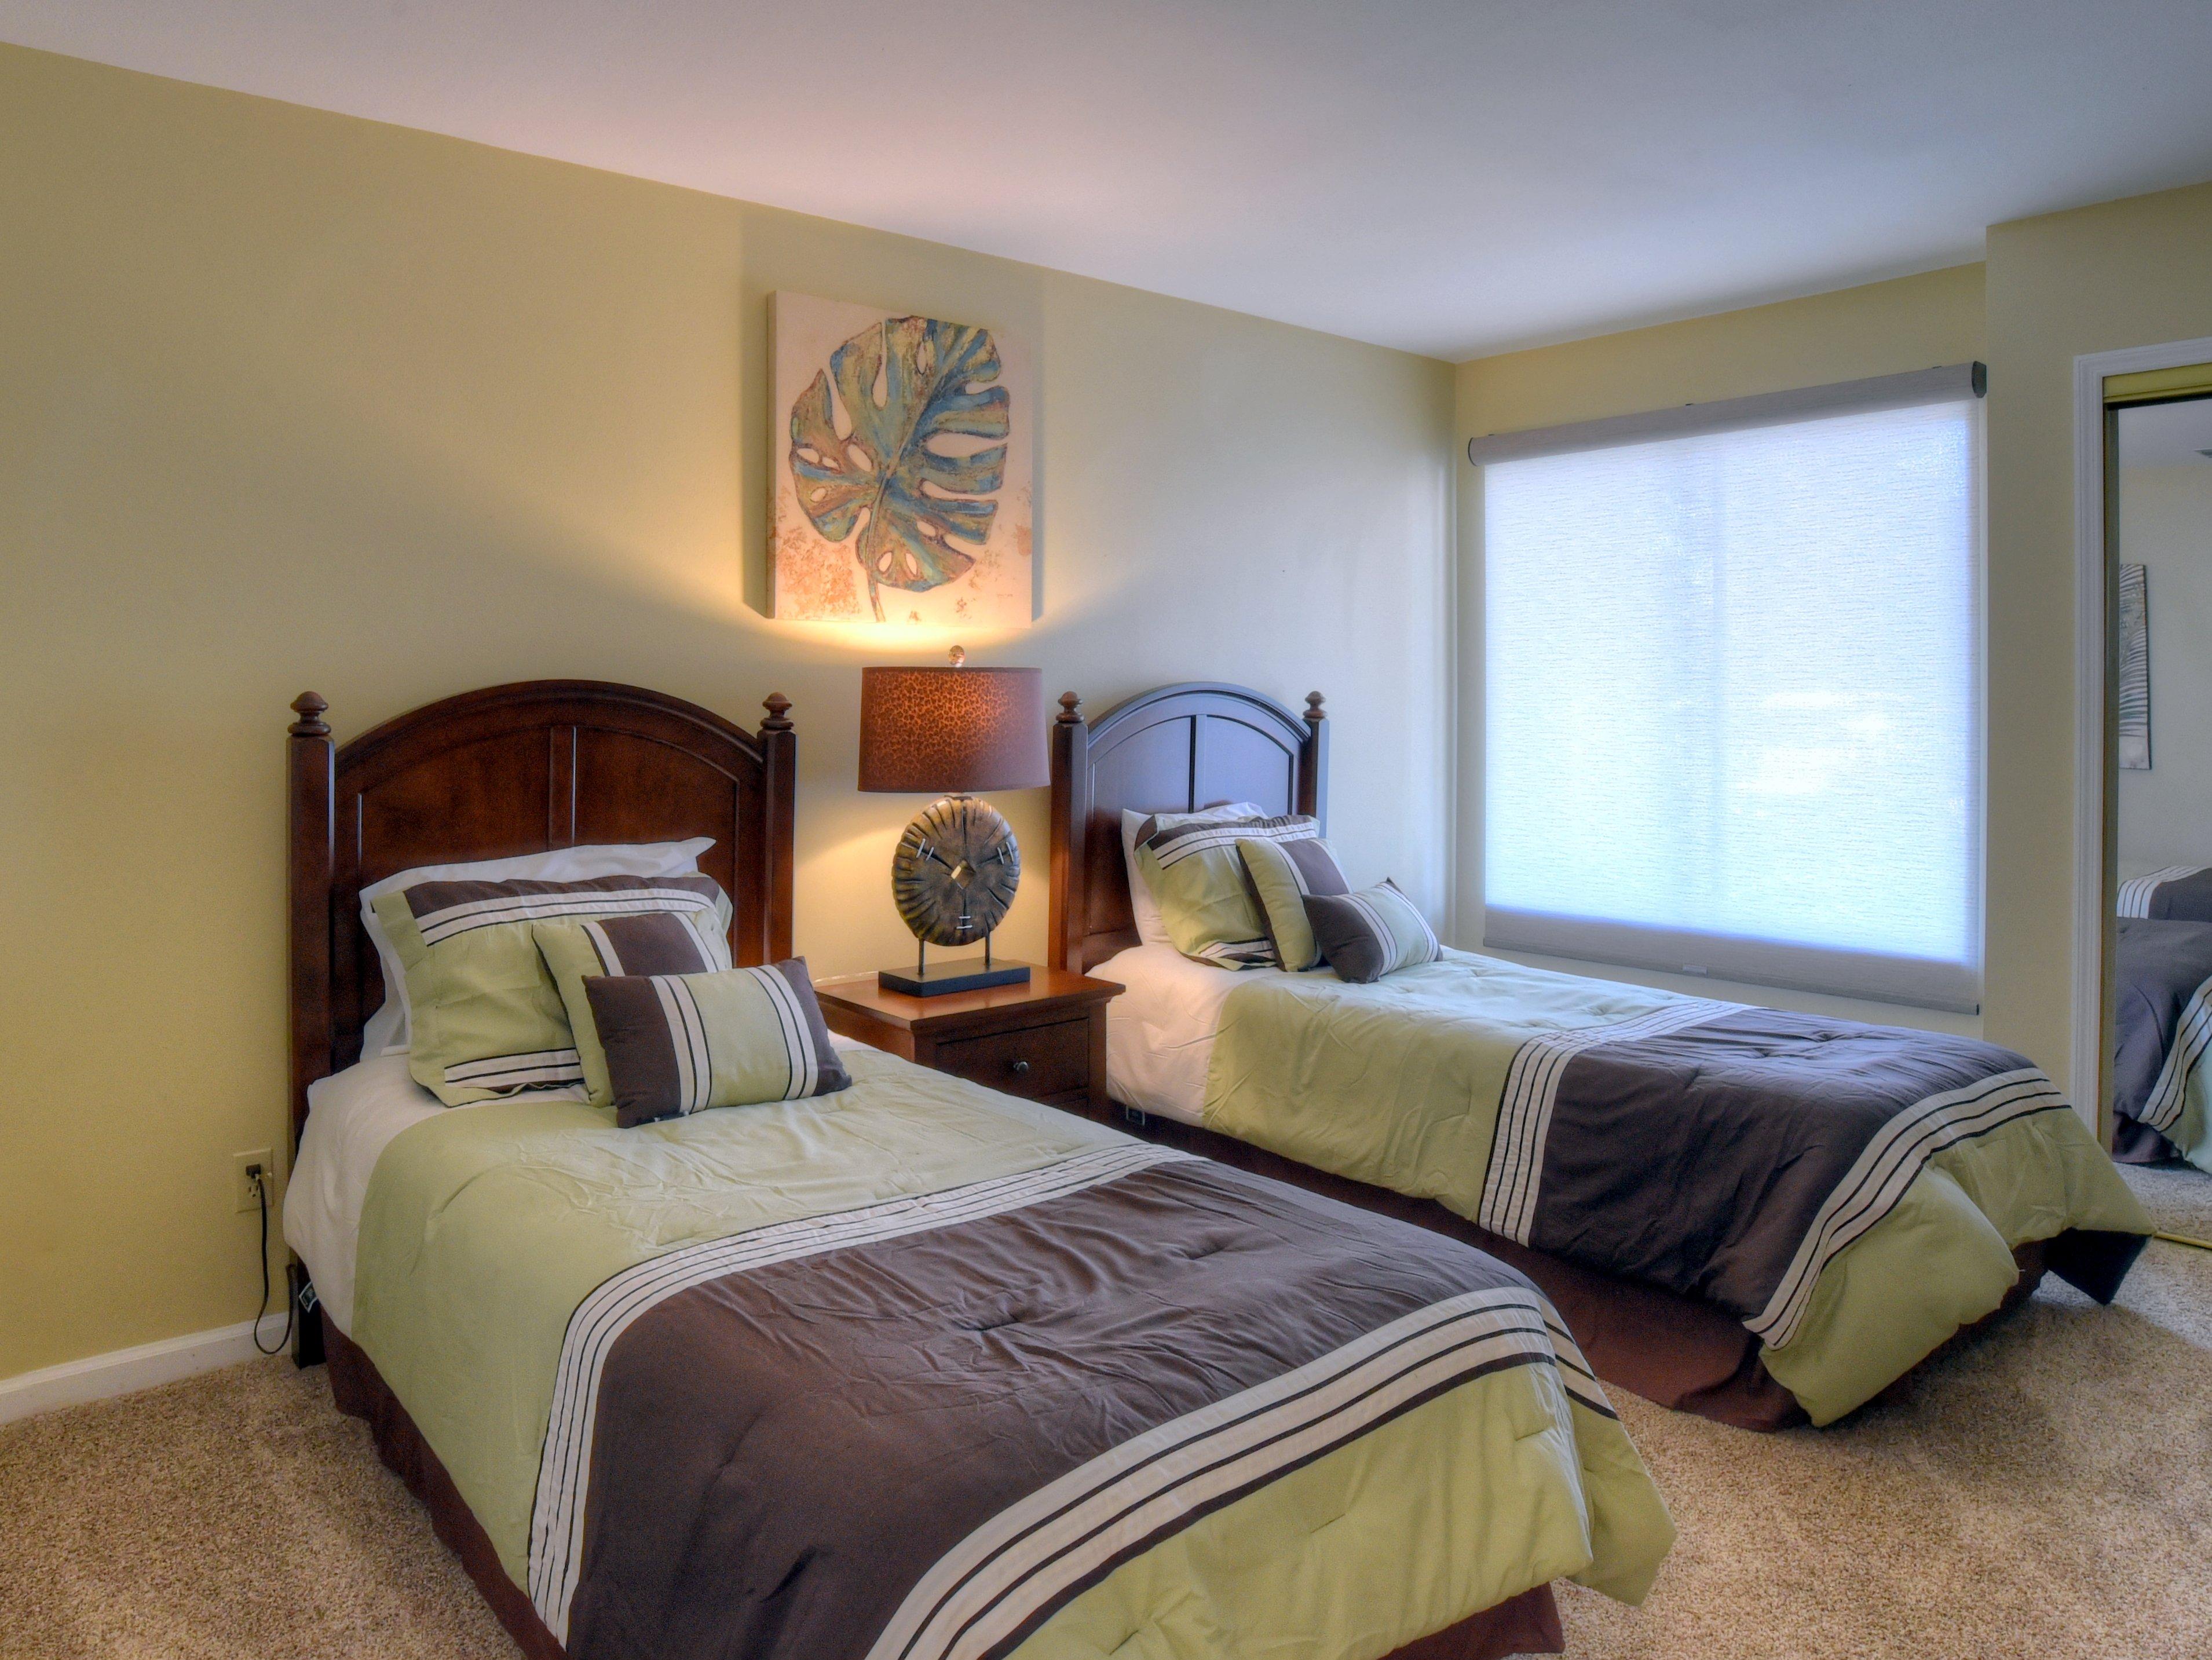 285 Fairways Condo rental in Sandestin Rentals ~ Cottages and Villas  in Destin Florida - #12